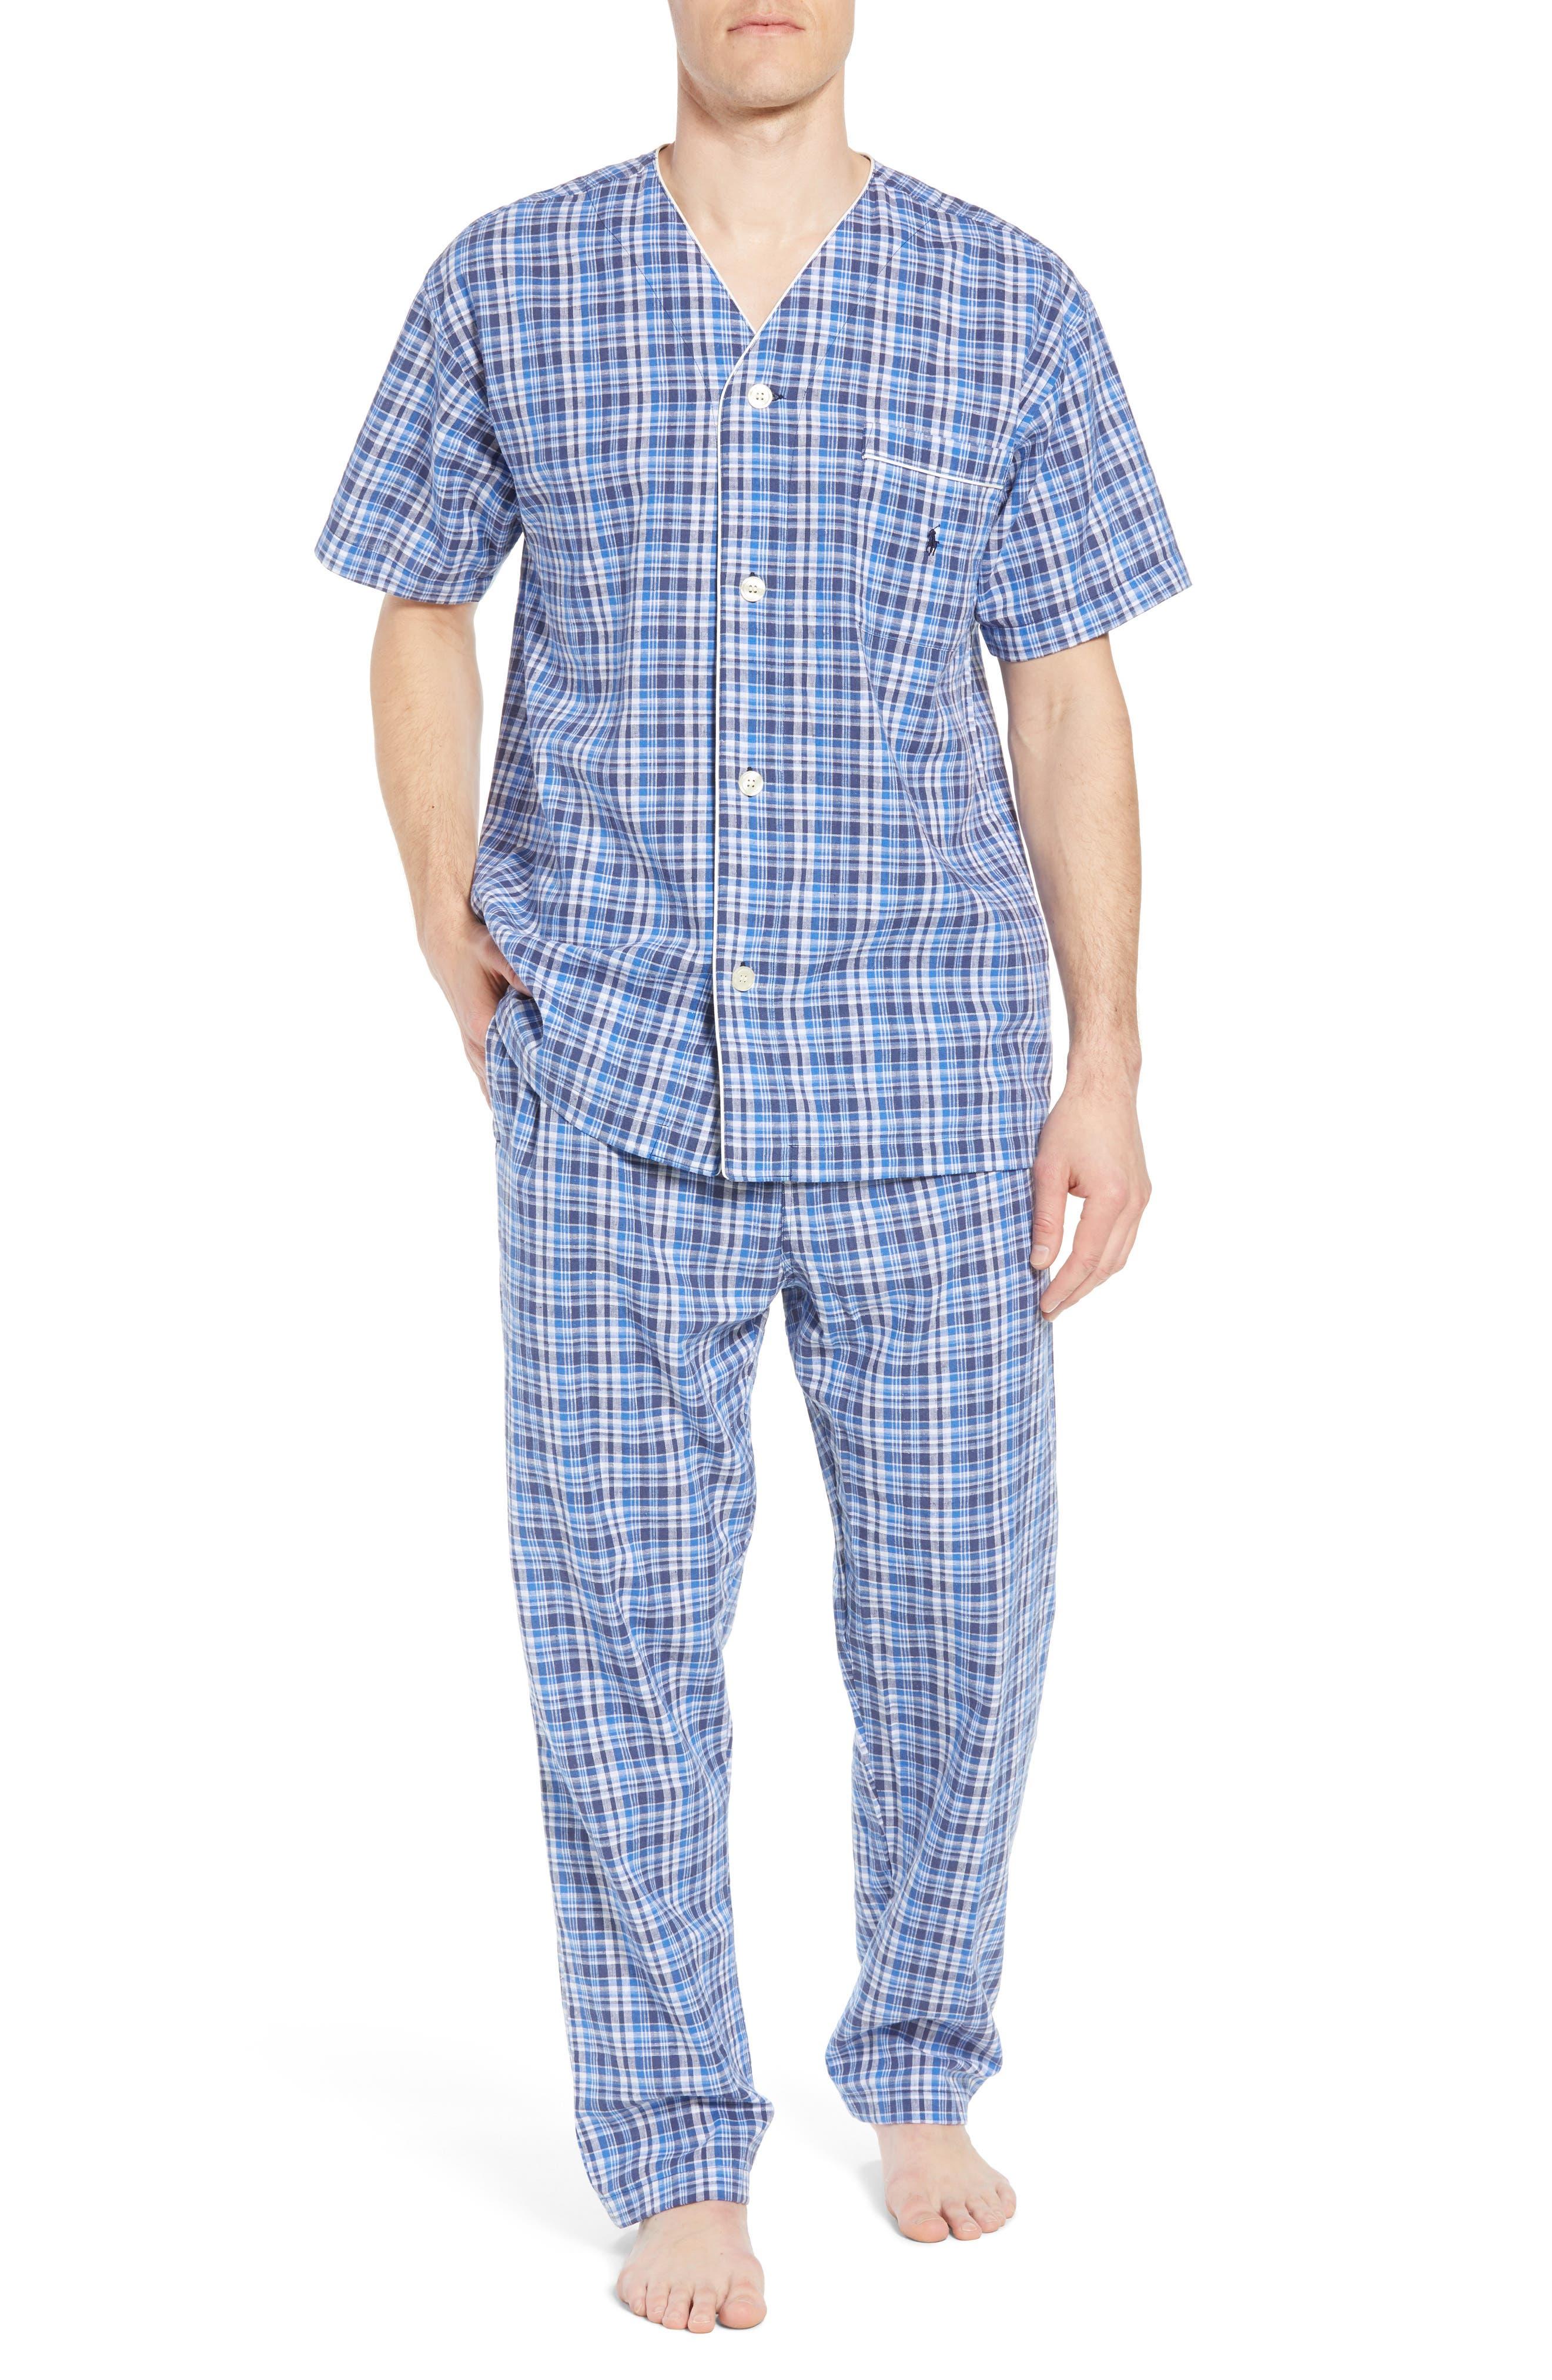 Walker Plaid Cotton & Linen Pajama Pants,                             Alternate thumbnail 6, color,                             Walker Plaid/ Cruise Navy